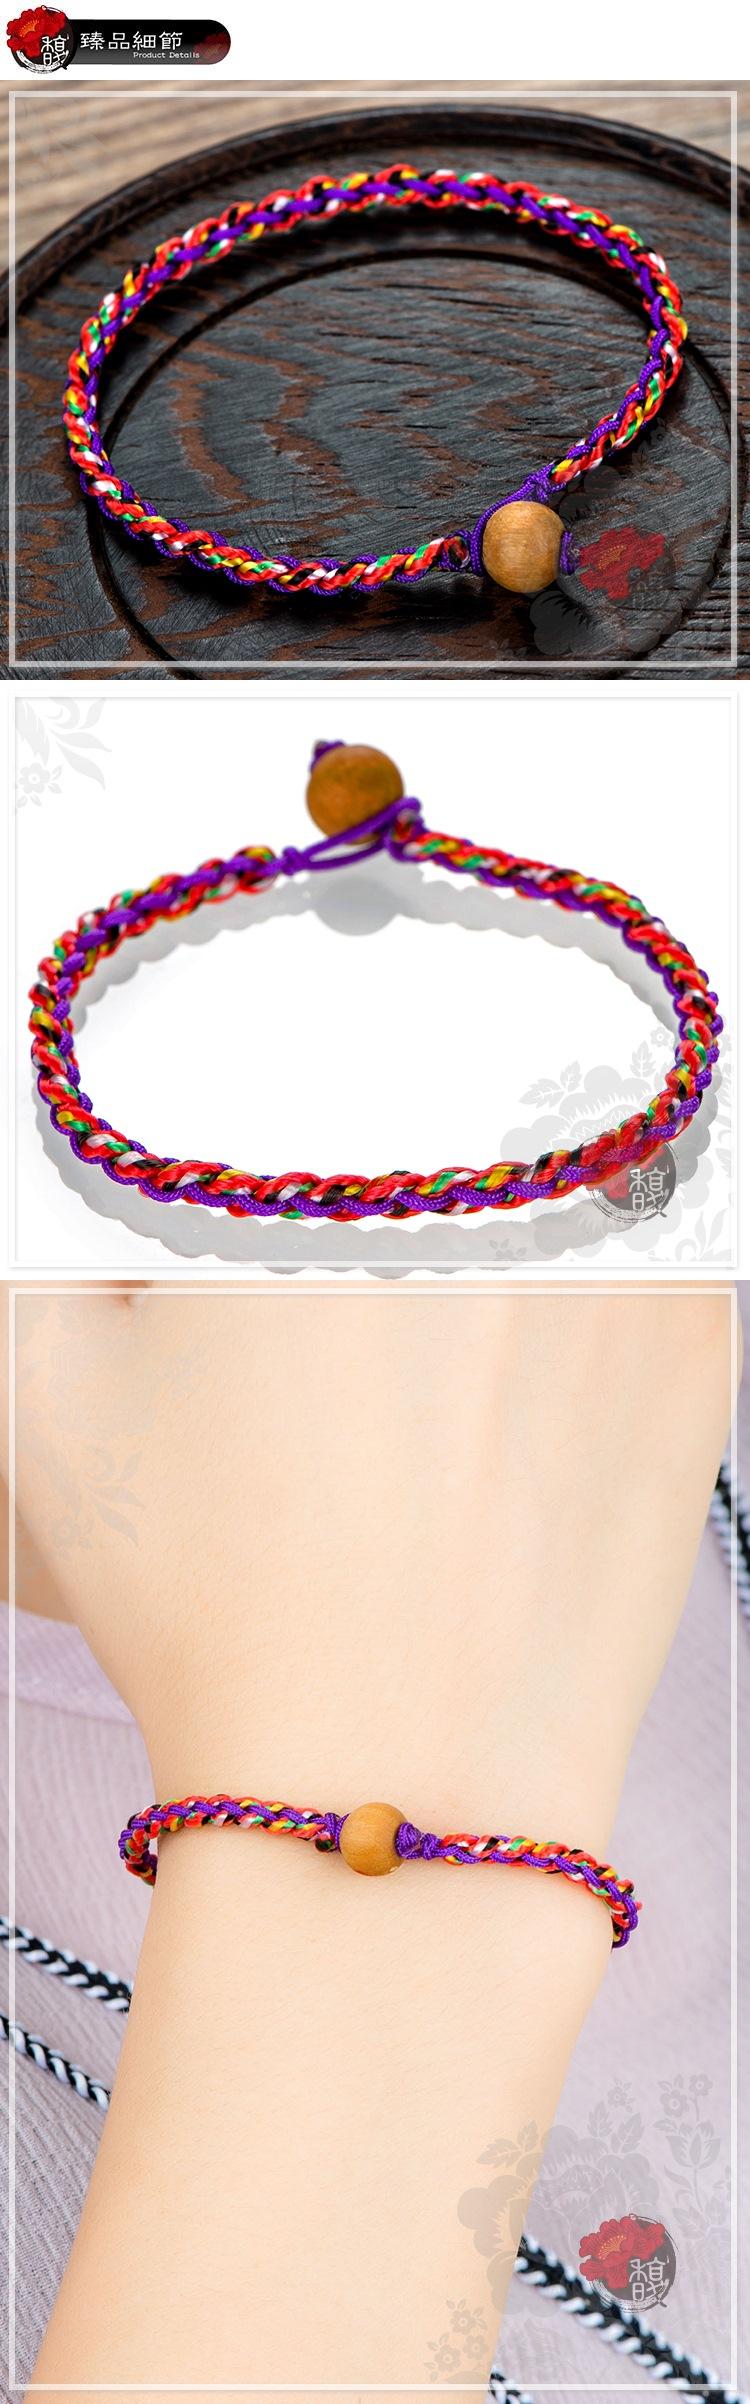 紅到發紫五色線手鍊